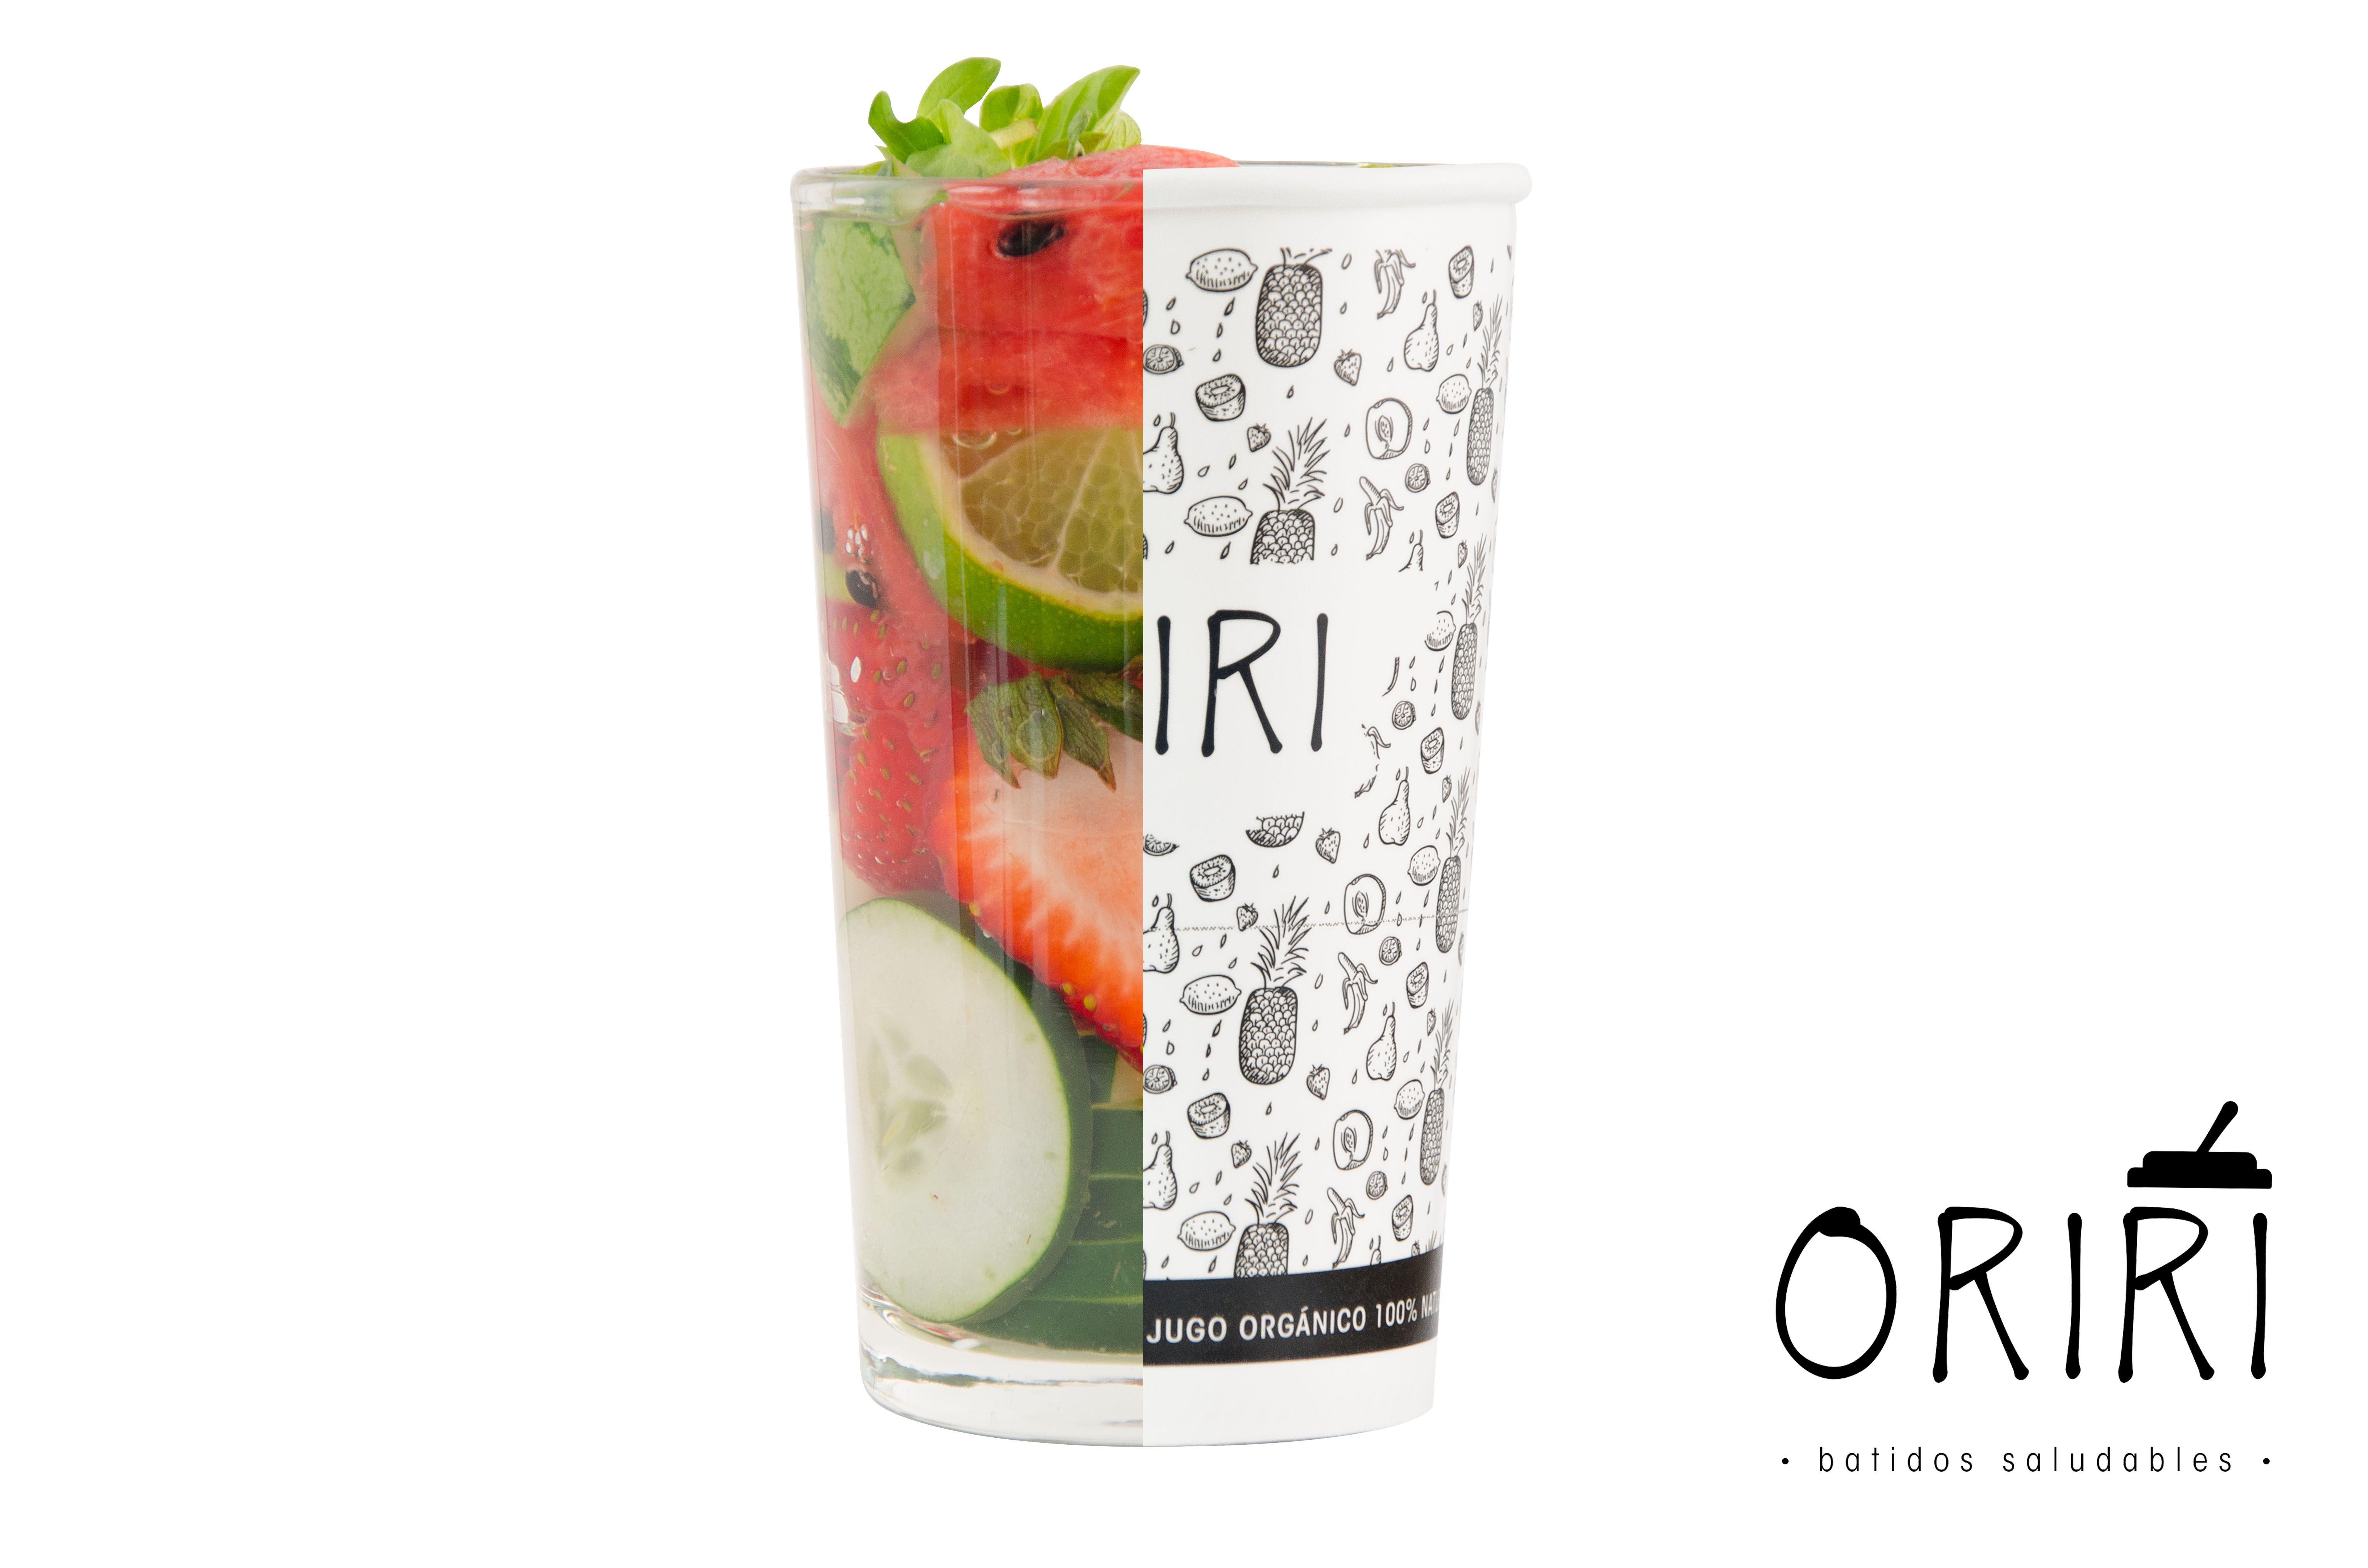 Todo lo natural, fresco y saludable lo puedes encontrar dentro de un vaso. Batidos saludables. Conoce nuestras mezclas en www.oriri.co